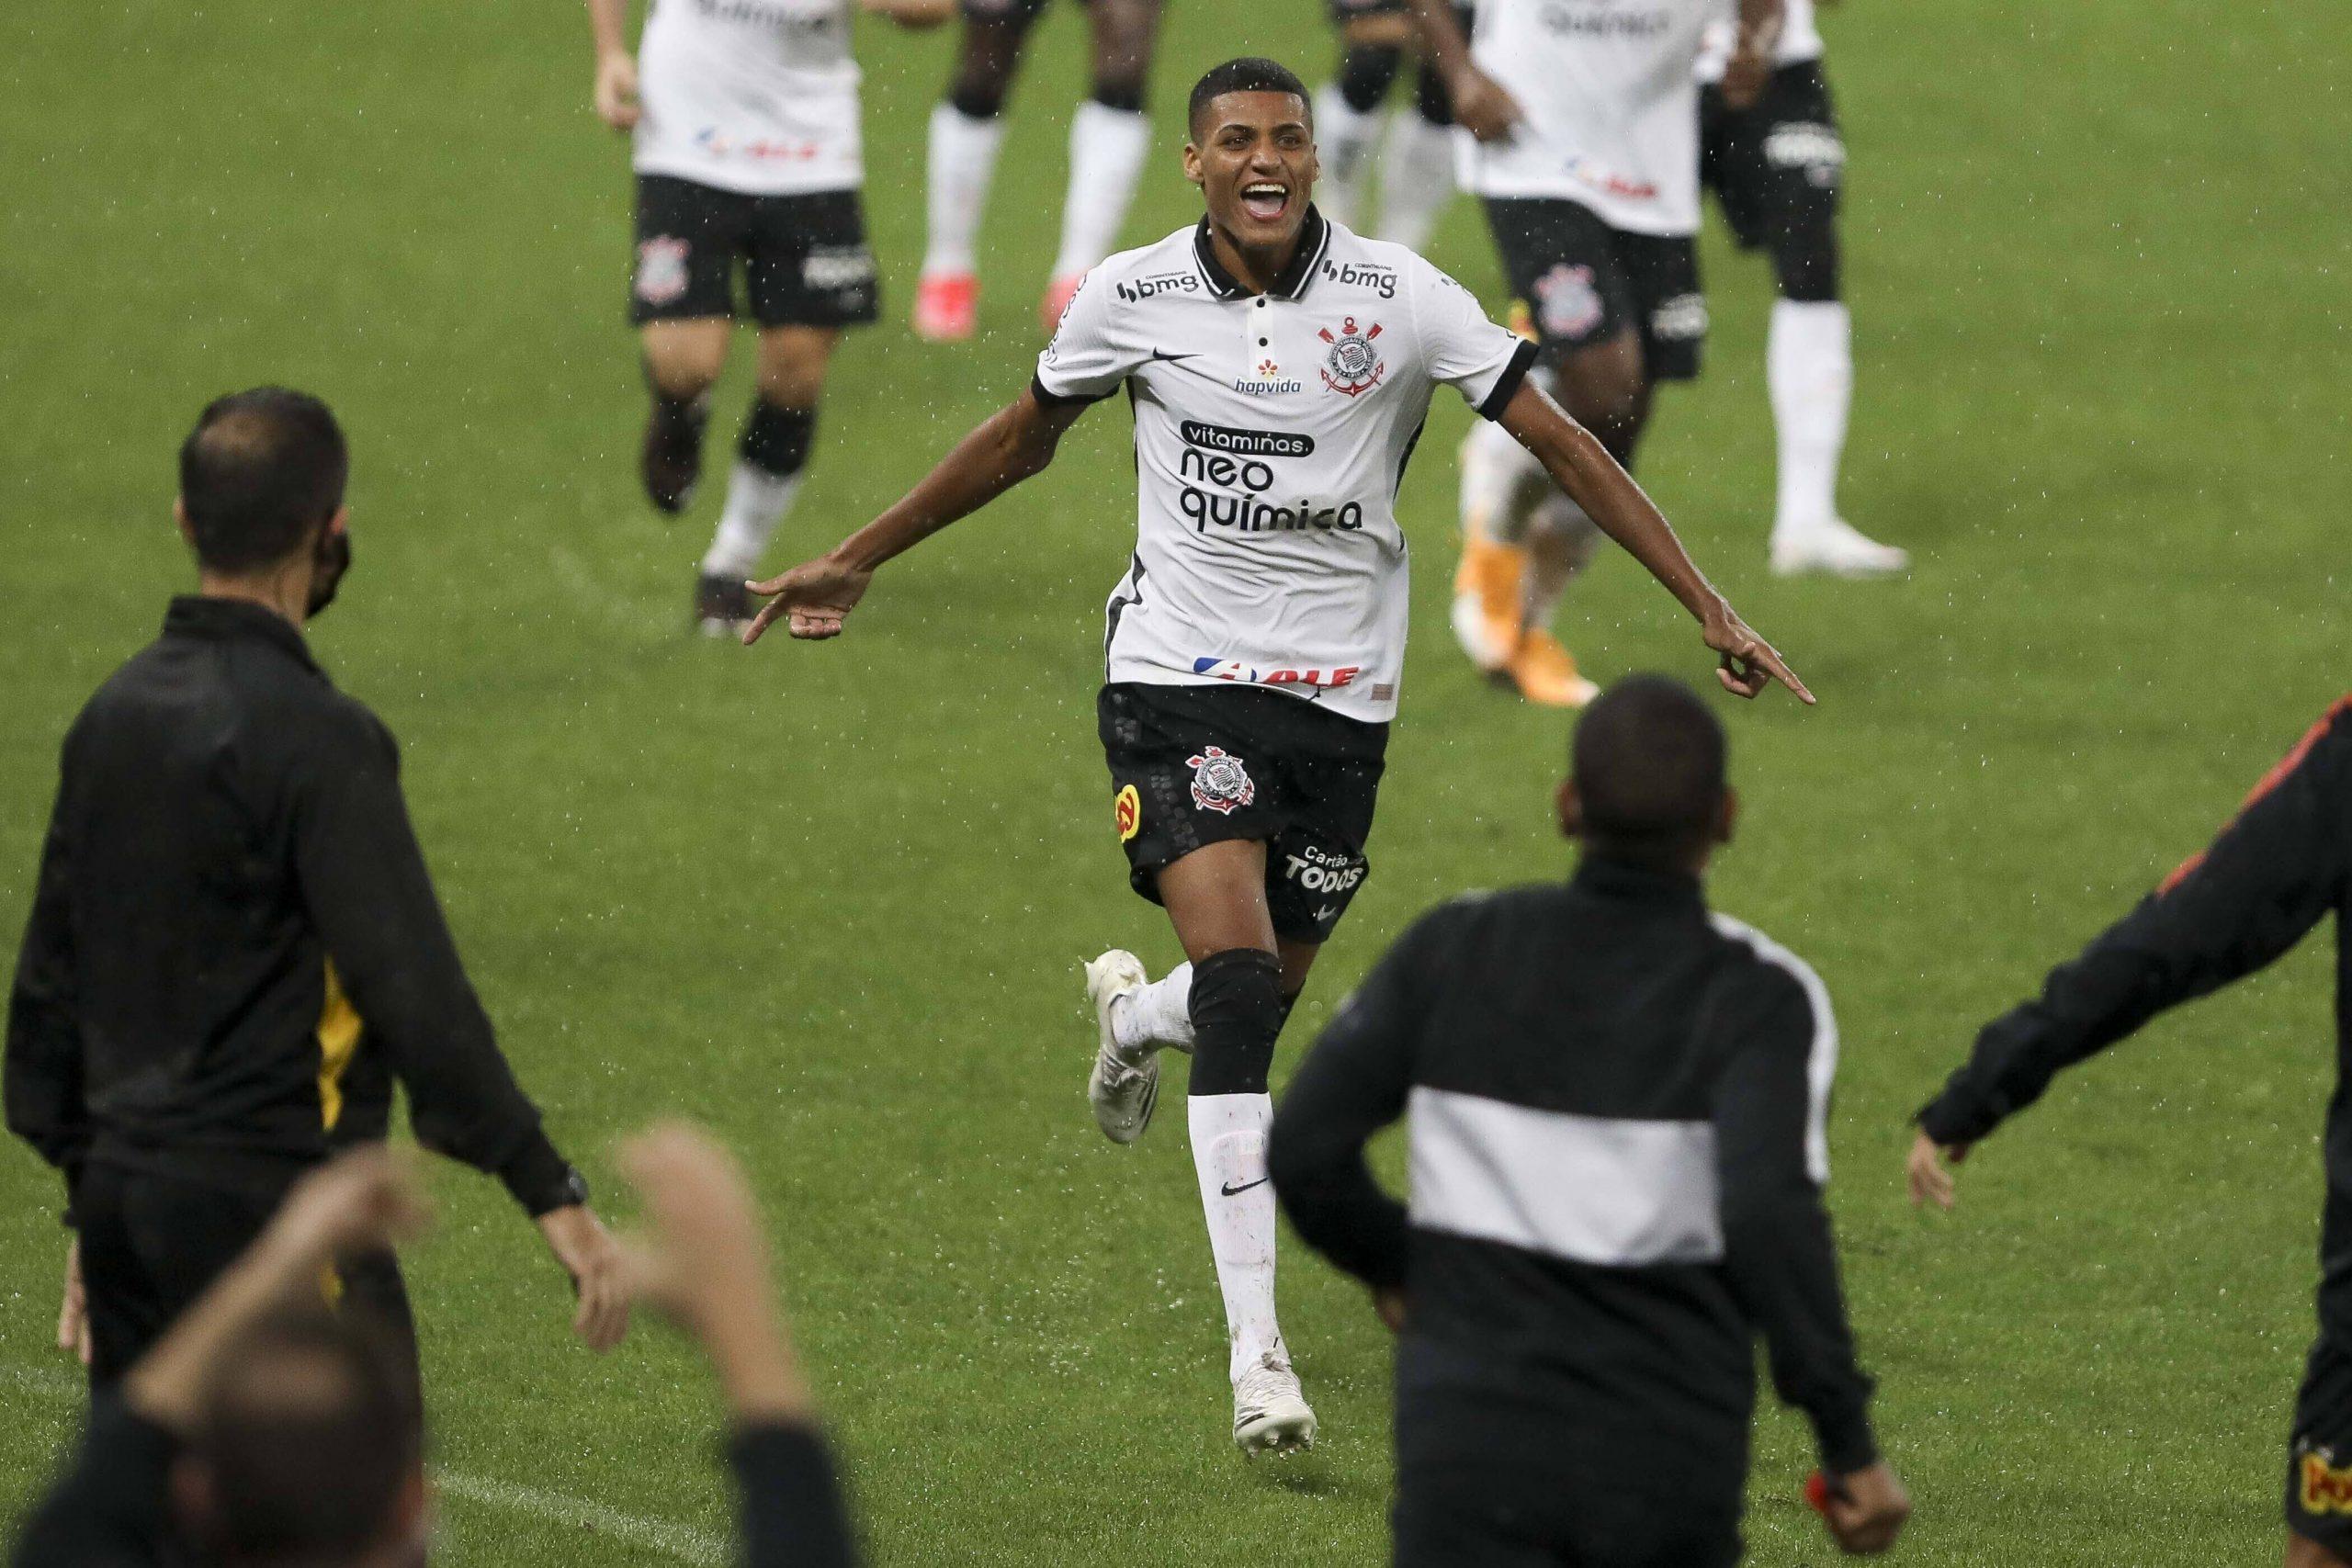 El medio brasileño confirma el interés del Tottenham Hotspur por el delantero del Corinthians